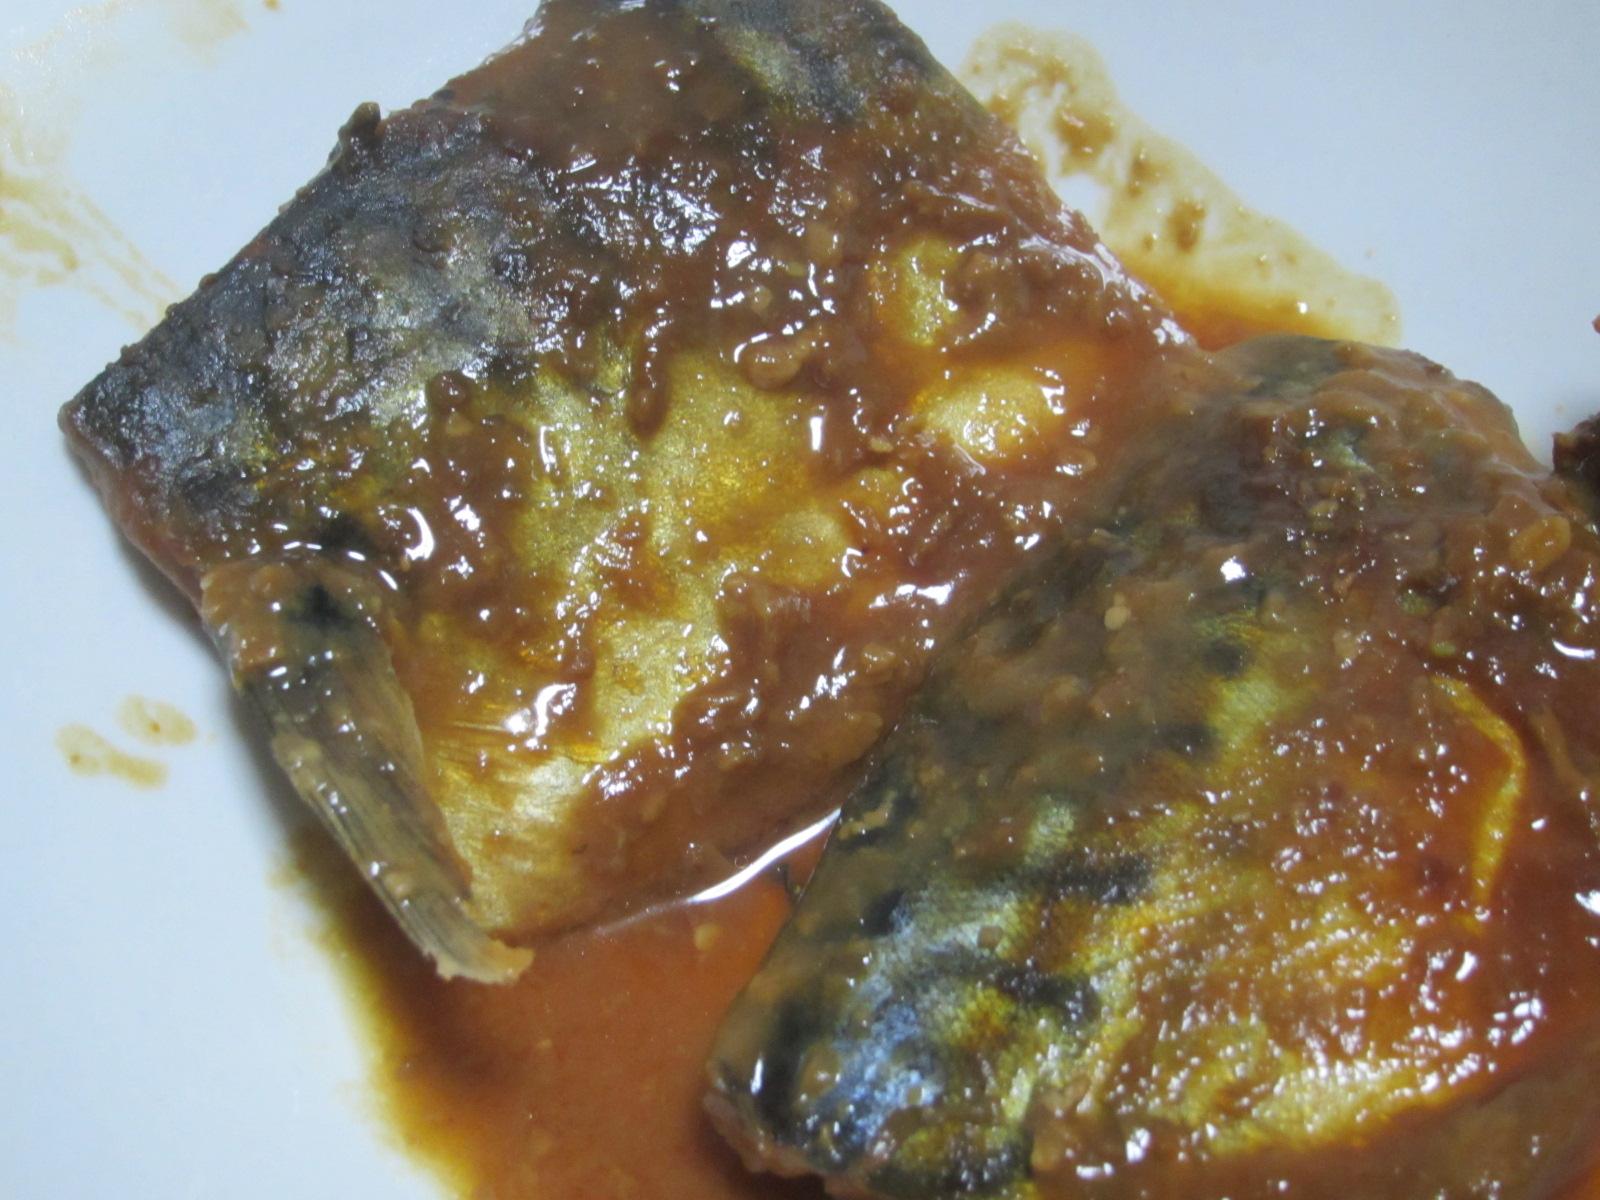 IMG 0021 1 - 何か急にサバの味噌煮が食べたくなったので塩サバ購入